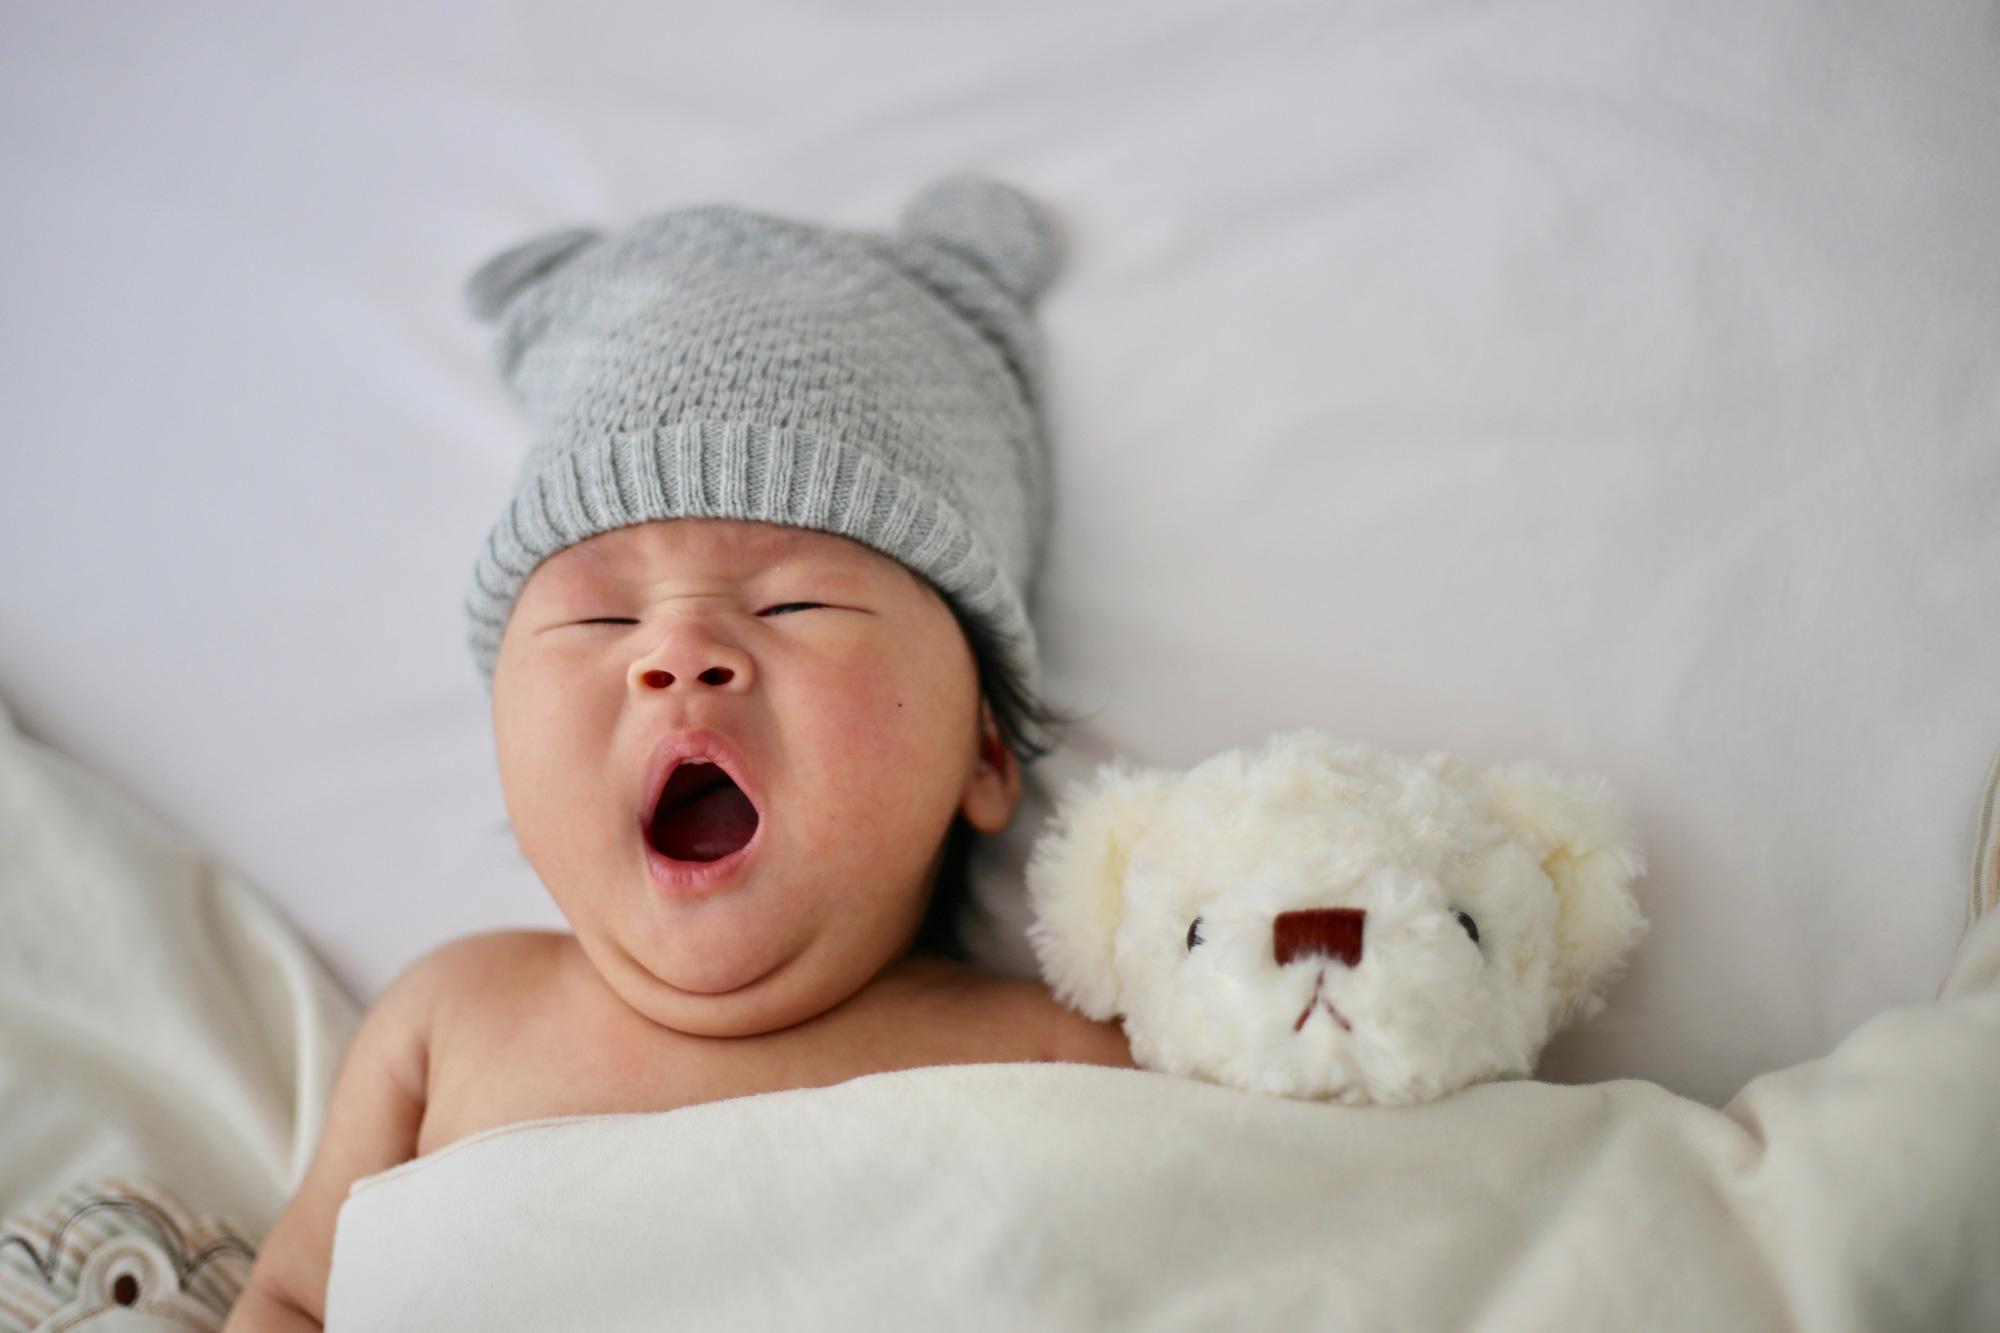 5 mẹo đơn giản bố mẹ nên làm để giúp trẻ sơ sinh khỏe mạnh - Ảnh 6.